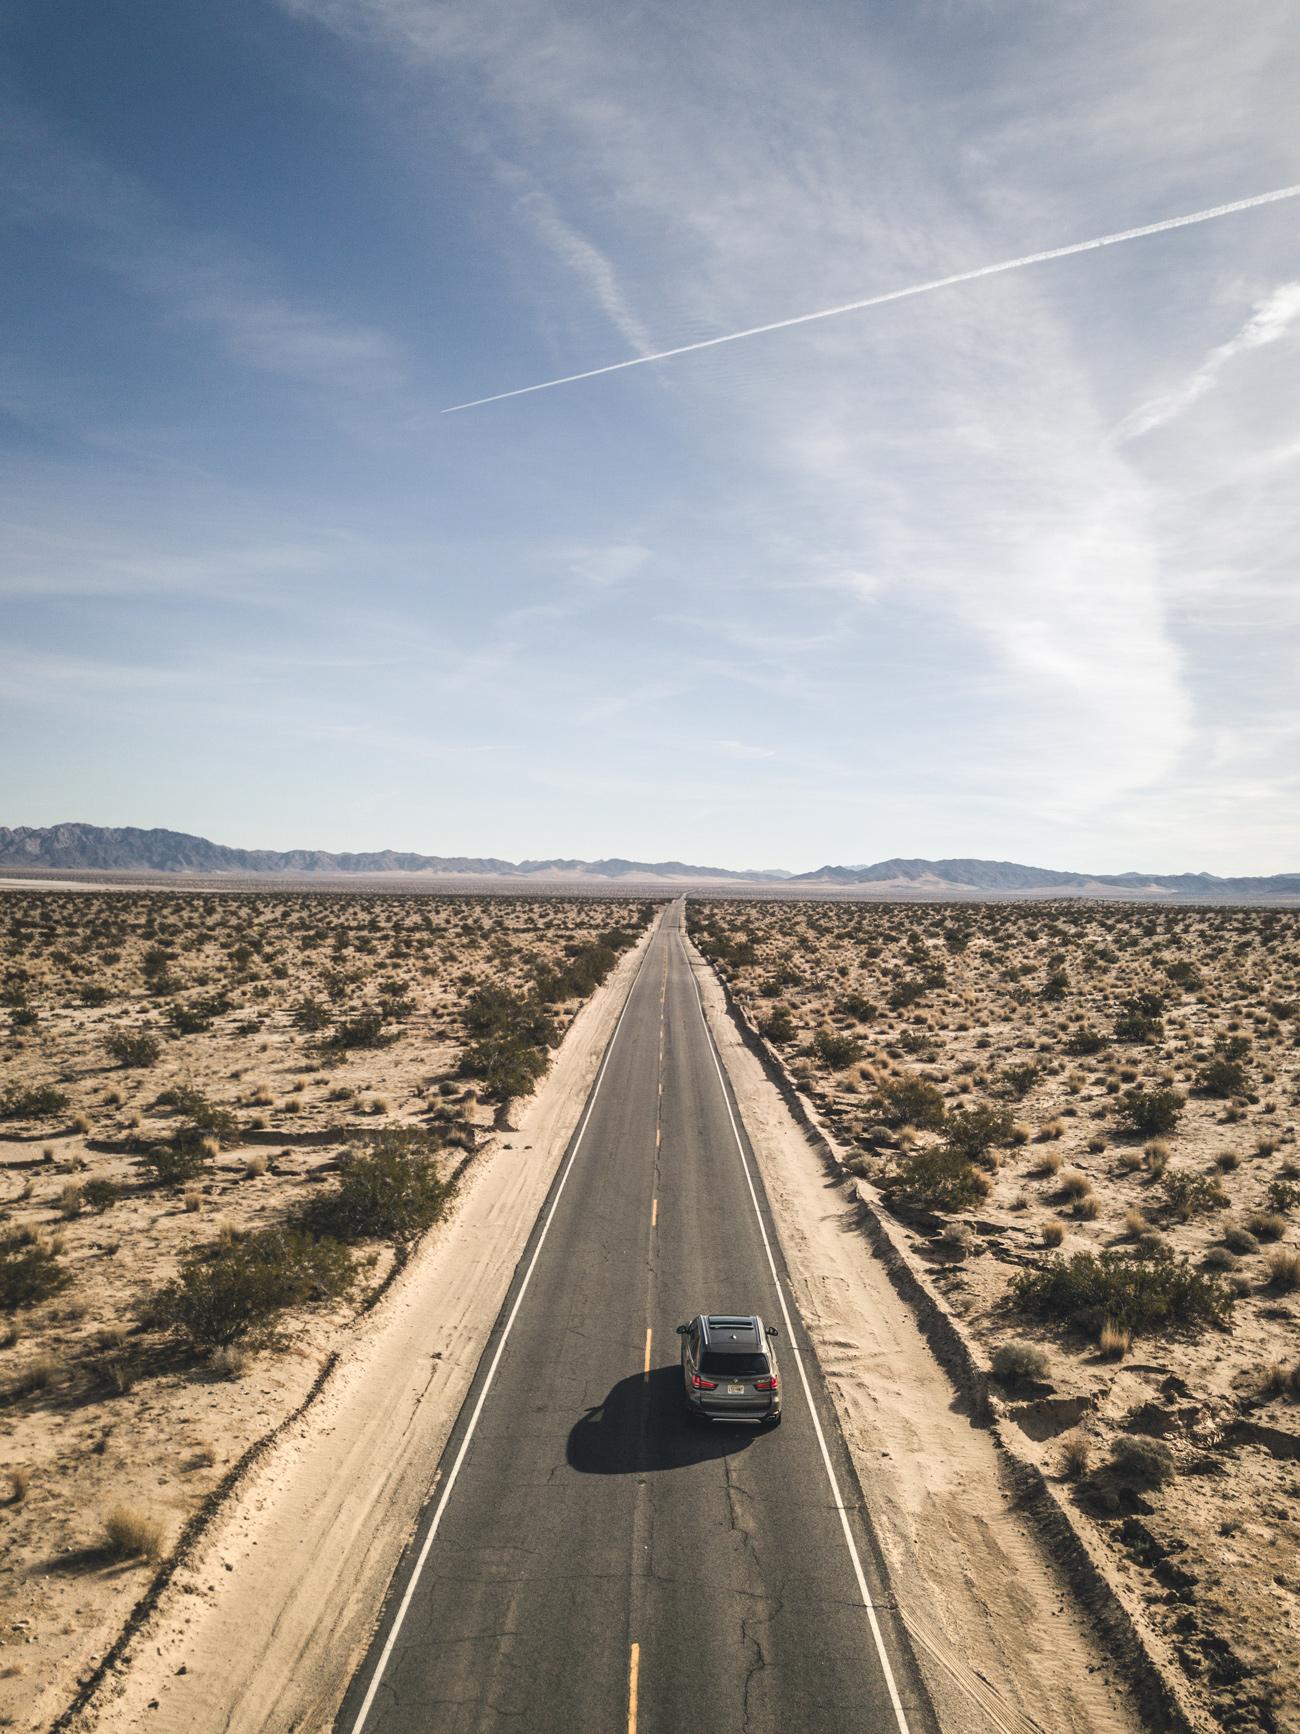 Tipps-und-Erfahrungsbericht-Guide-USA-Road-Trip-Westküste-Kalifornien-Hotels-Unterkünfte-die-beste-Route-Sehenswürdigkeiten-Aktivitäten-nina-schwichtenberg-fashiioncarpet-27